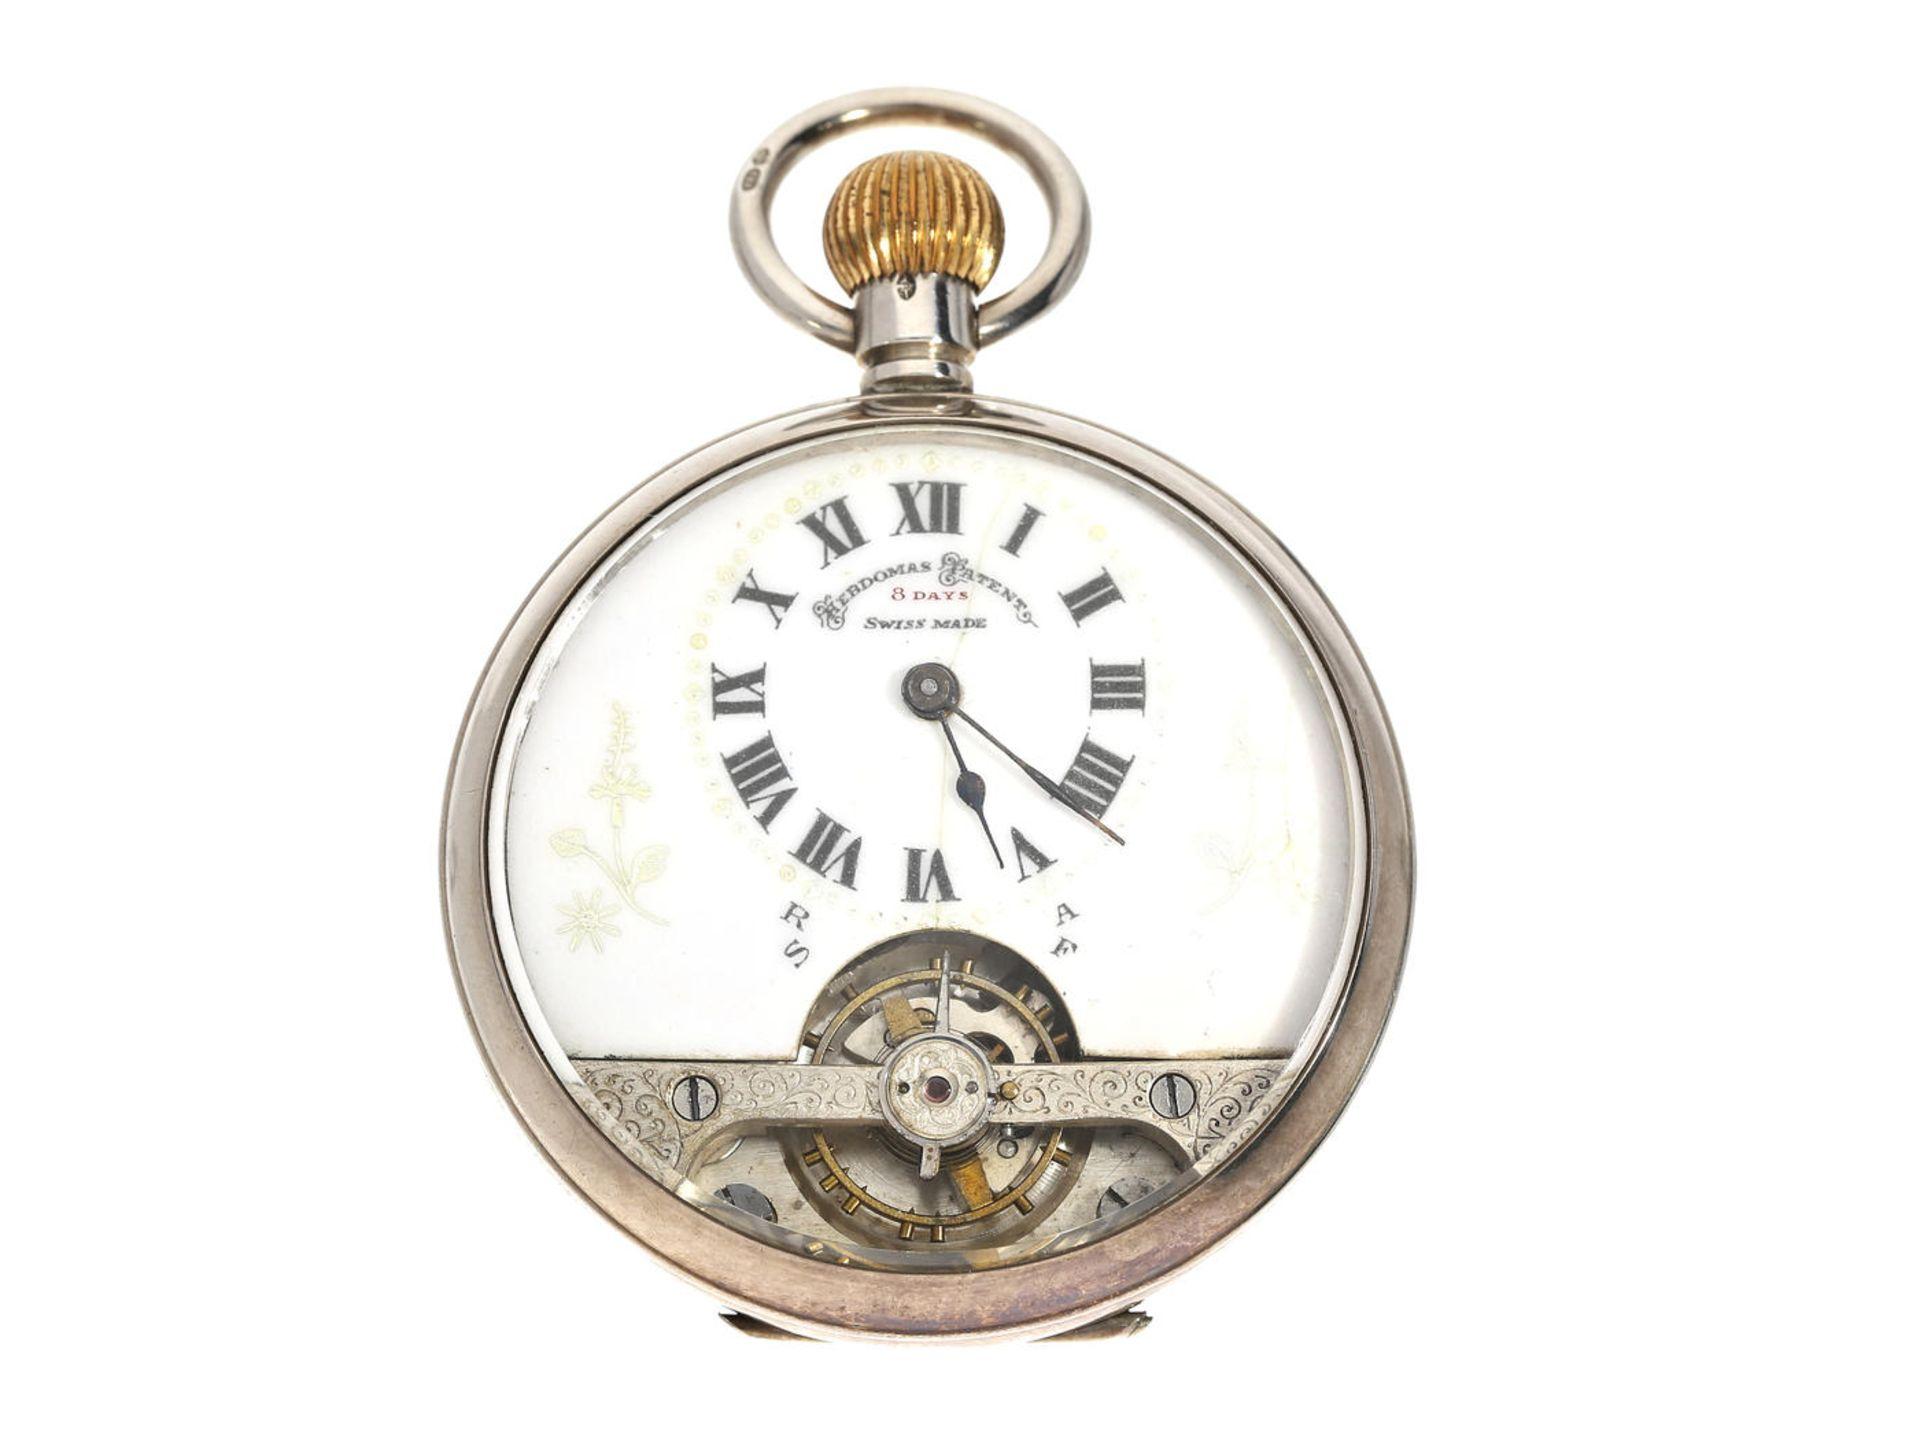 Taschenuhr: Hebdomas 8-Tage-Taschenuhr, um 1920 Ca. Ø48mm, ca. 84g, guillochiertes Silbergehäuse,